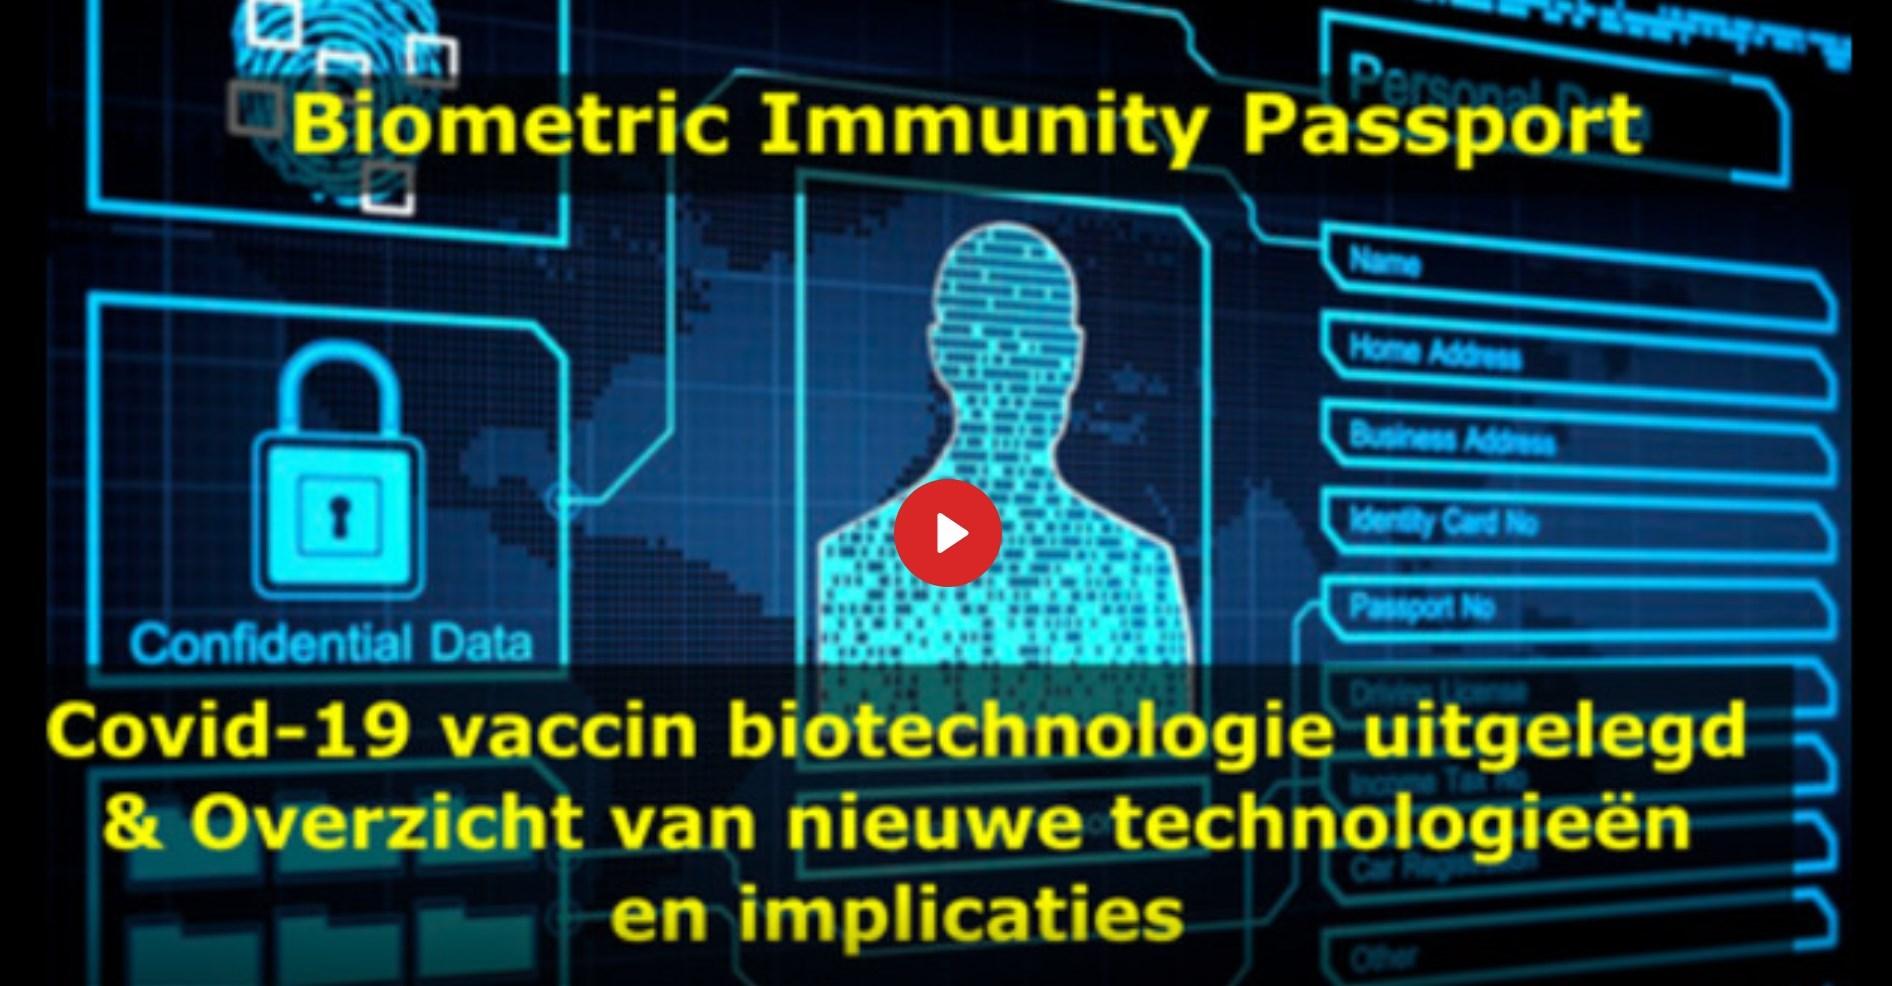 covid-19-vaccin-biotechnologie-uitgelegd-&-overzicht-nieuwe-technologieen-en-implicaties-–-cstv